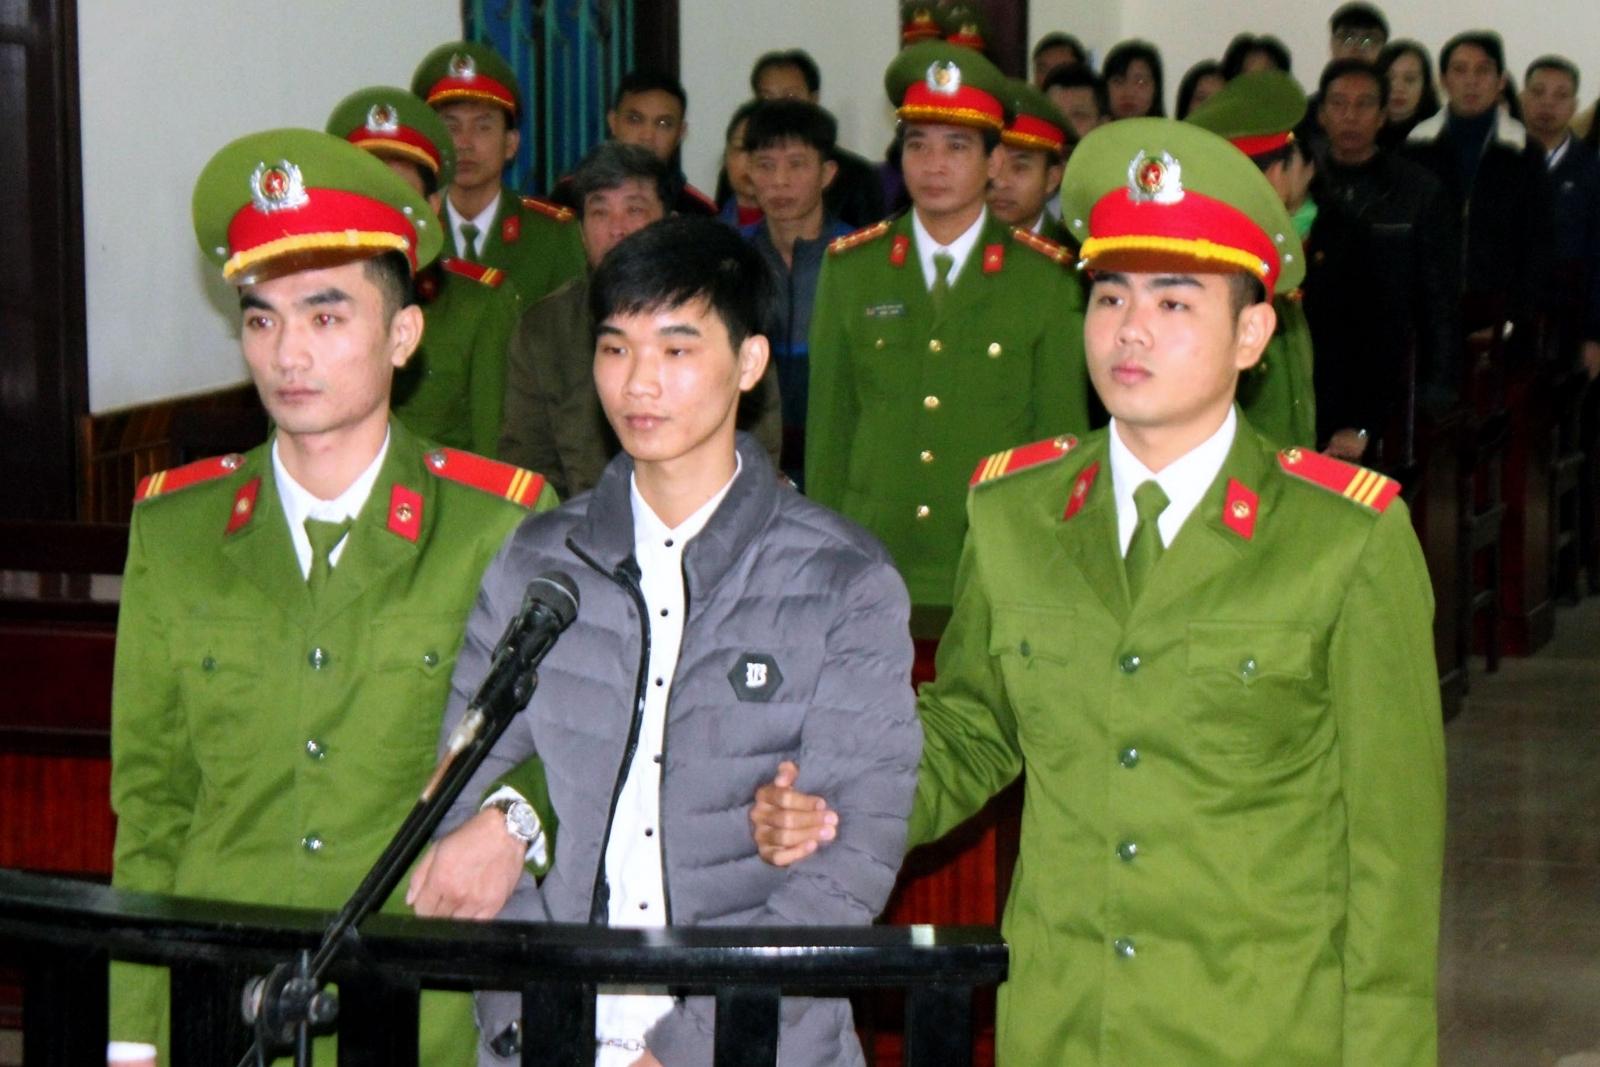 Vietnamese blogger Nguyen Van Hoa